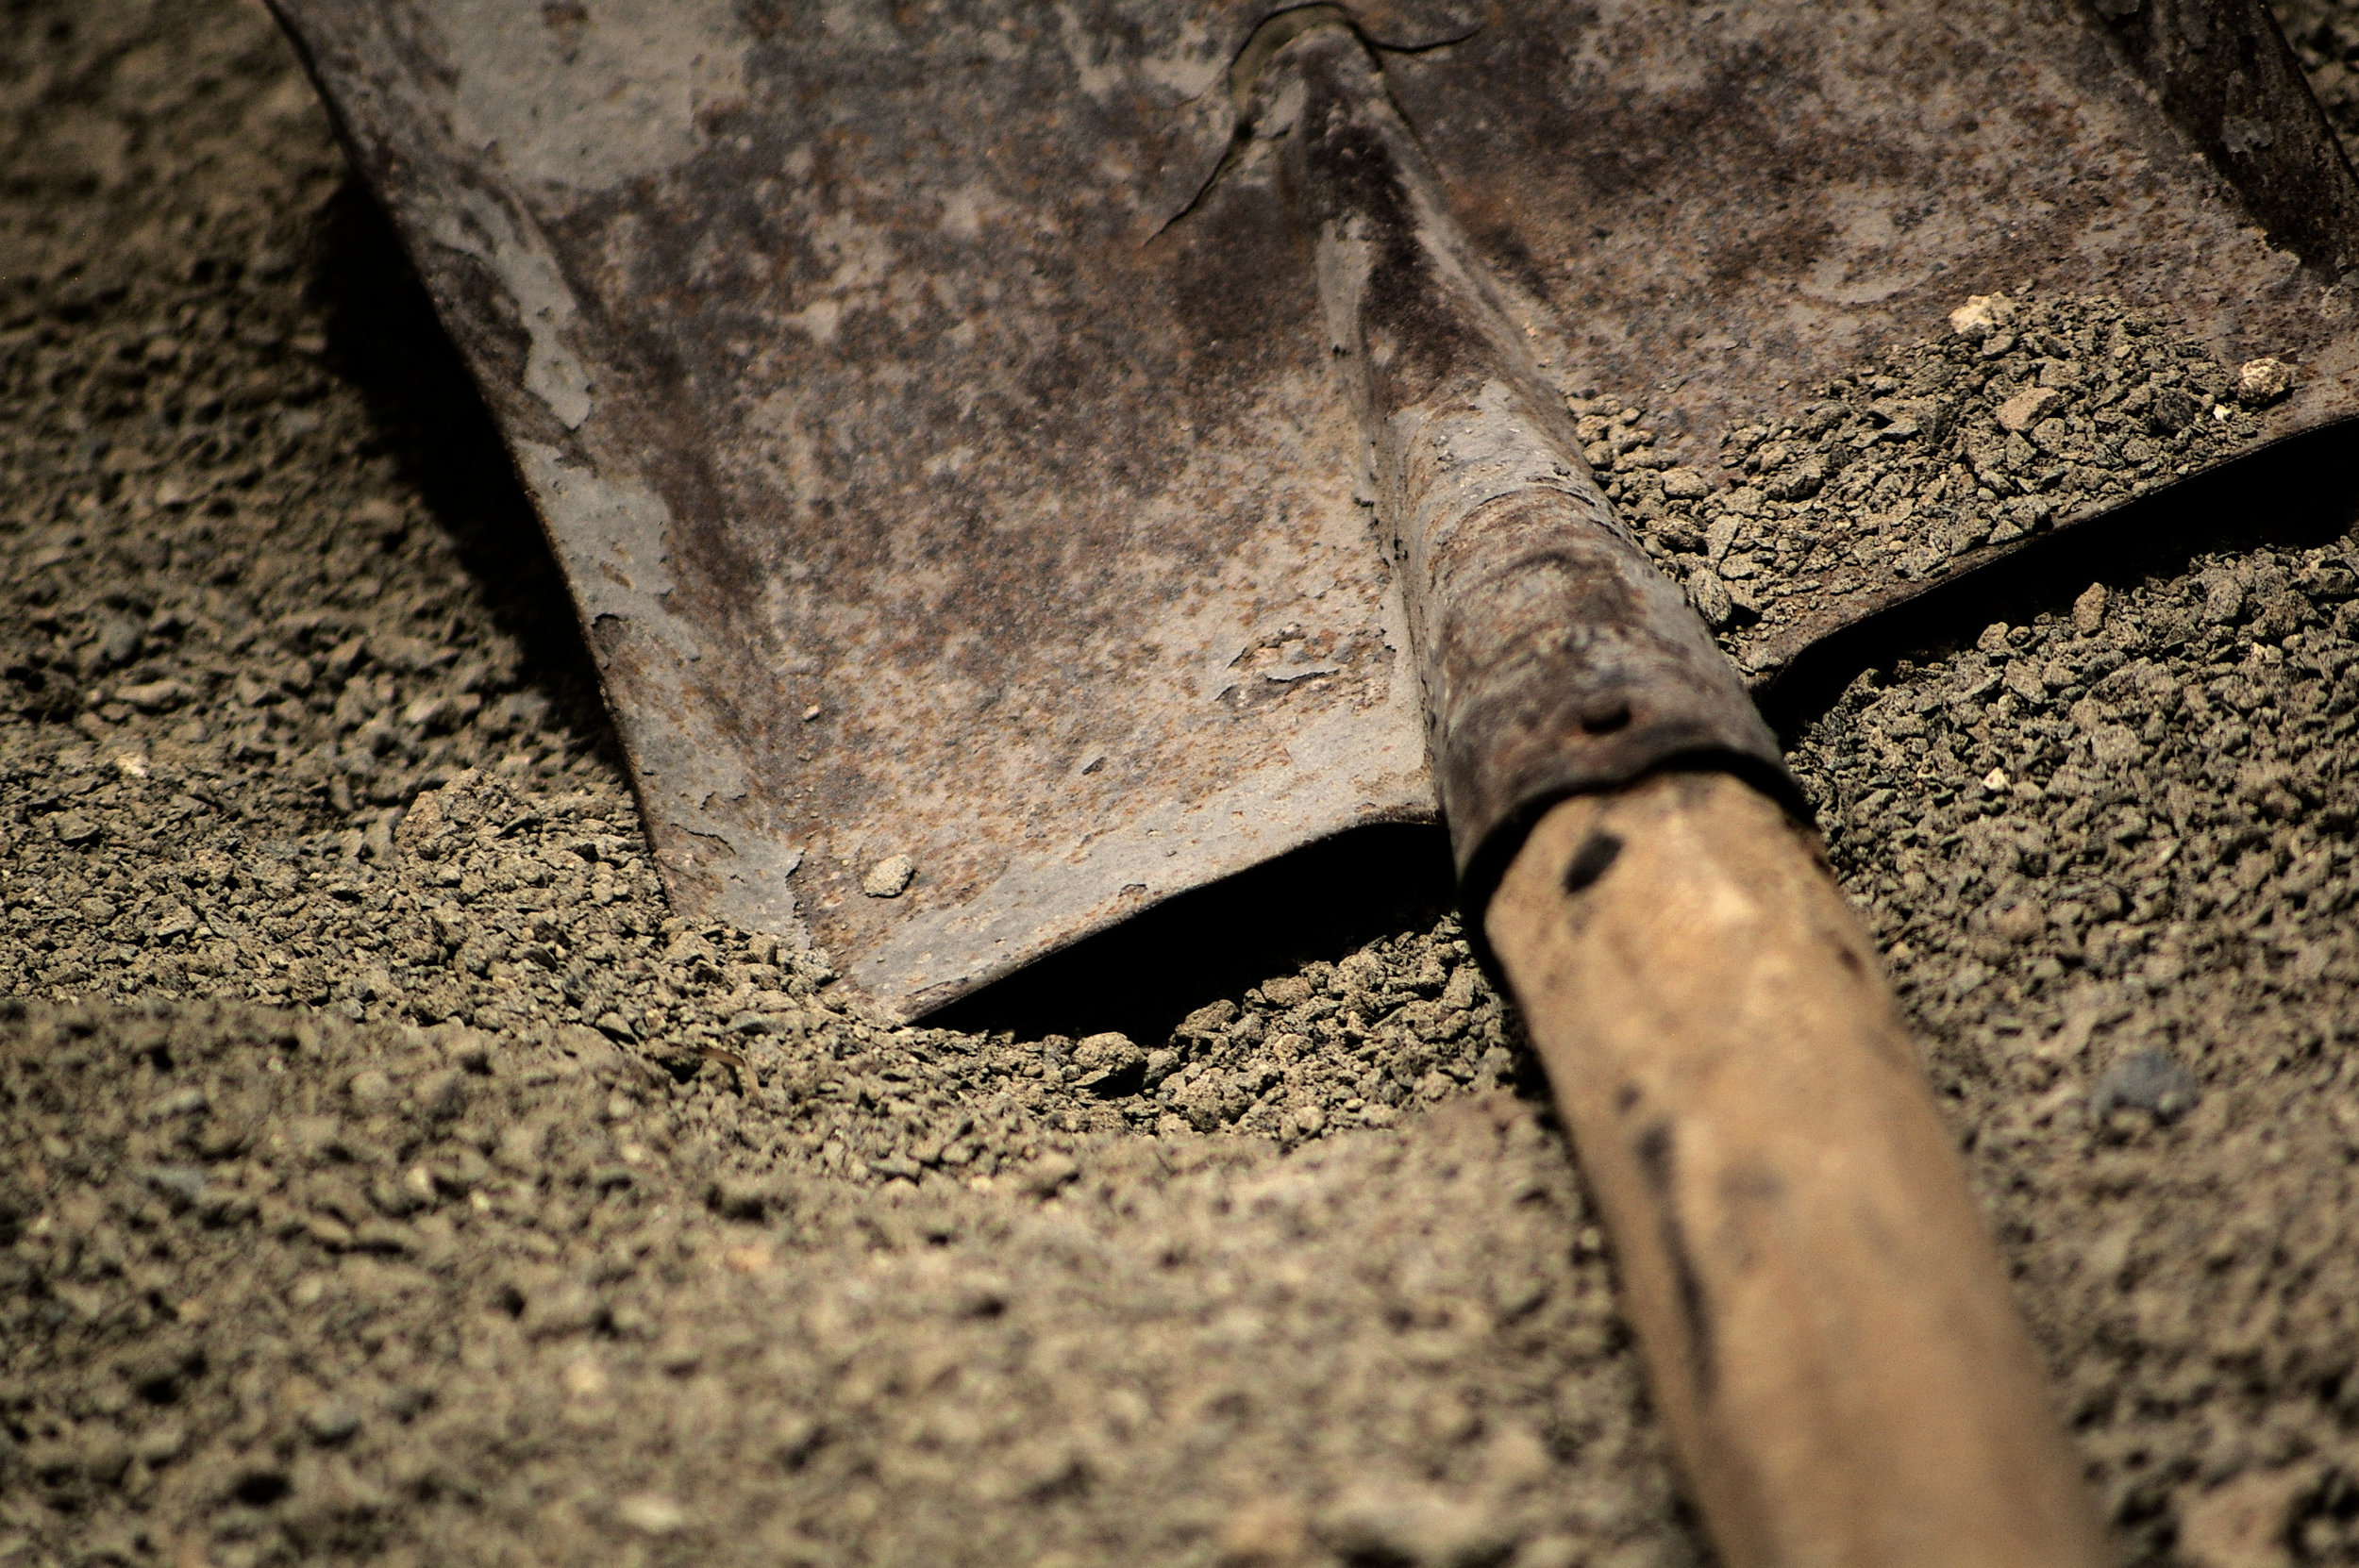 shovelling_dirt_553367.jpg